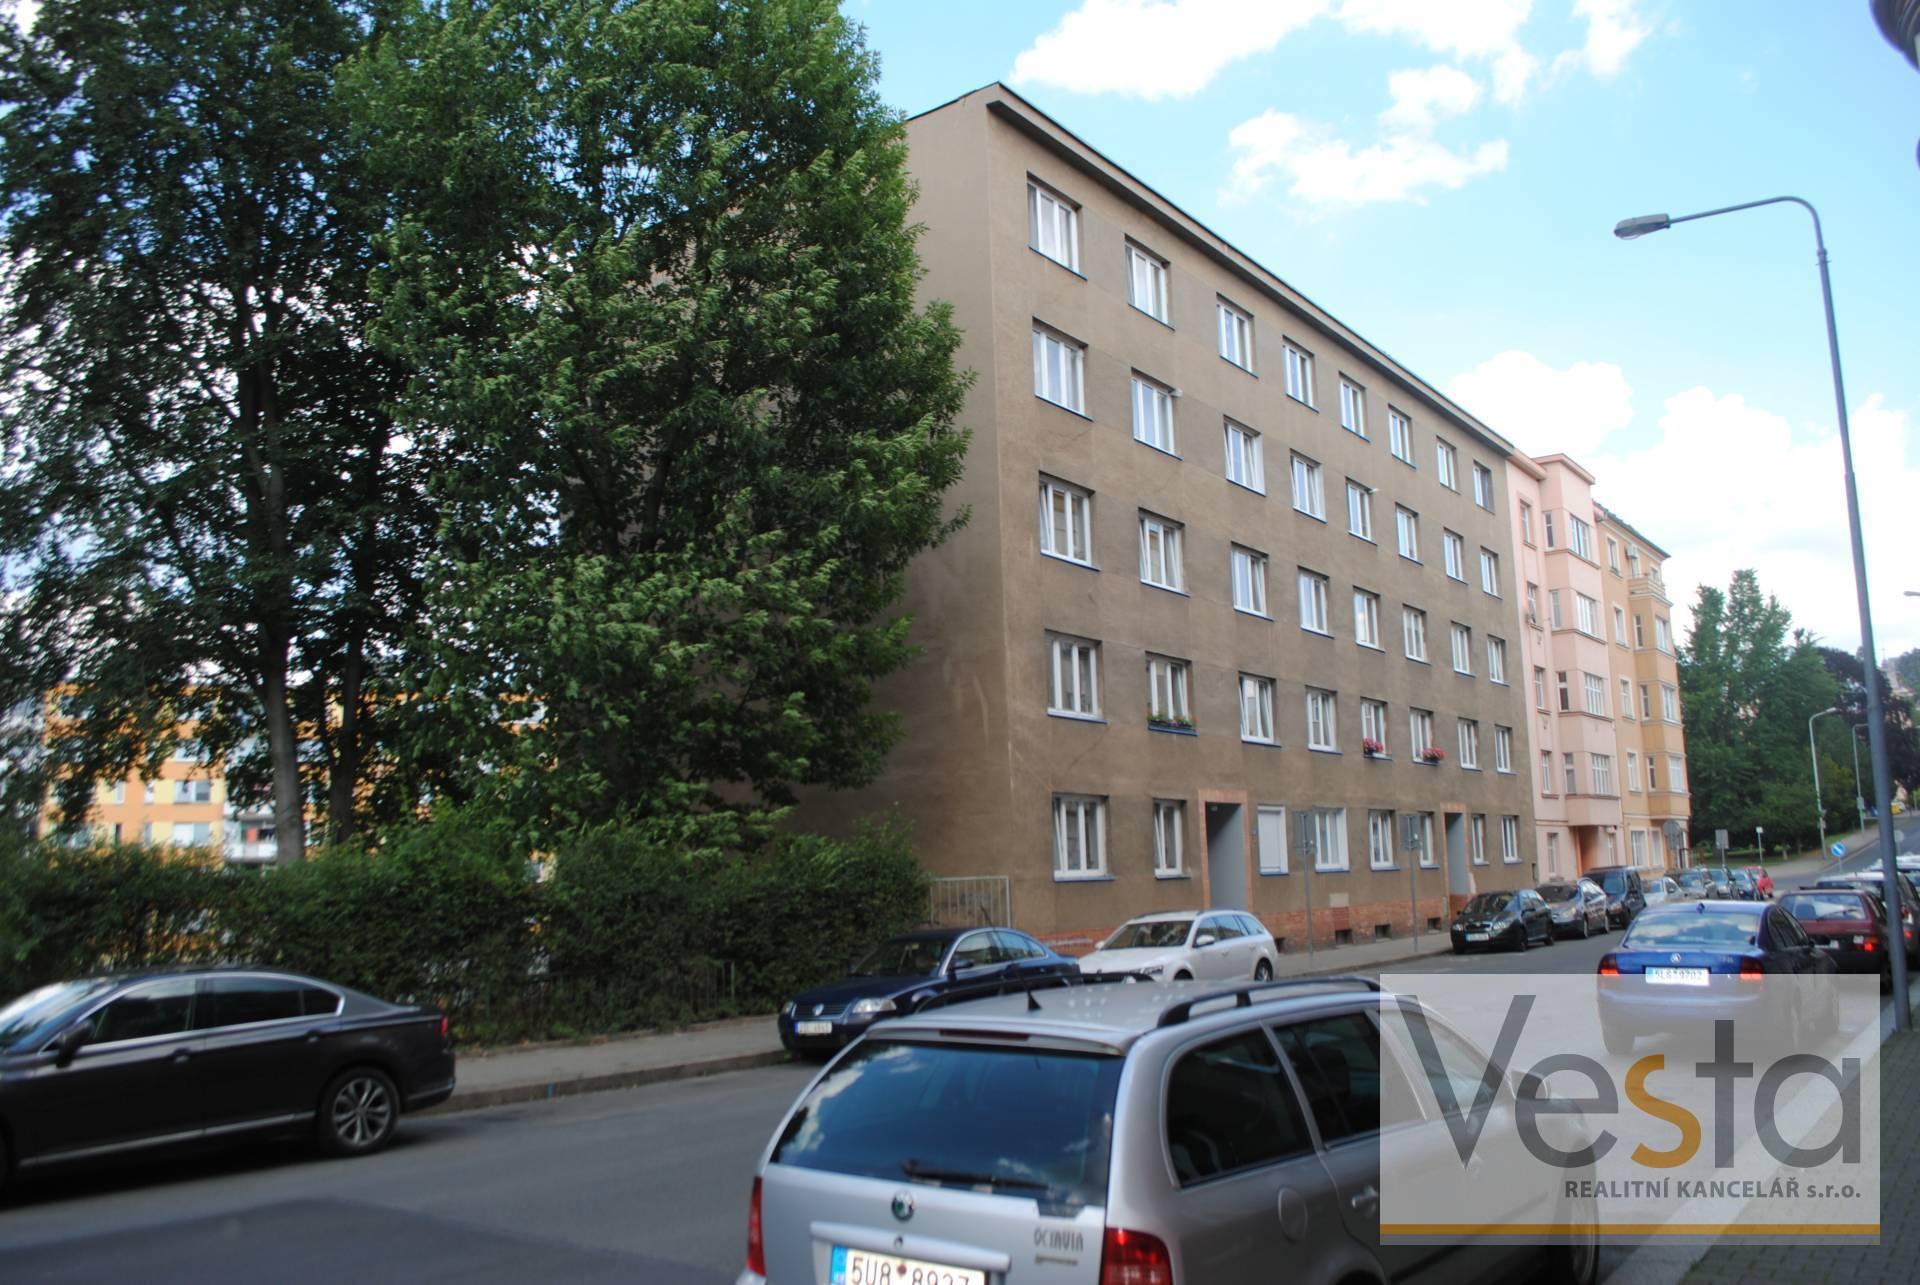 Slunný byt 3+1 s balkónem v centru města